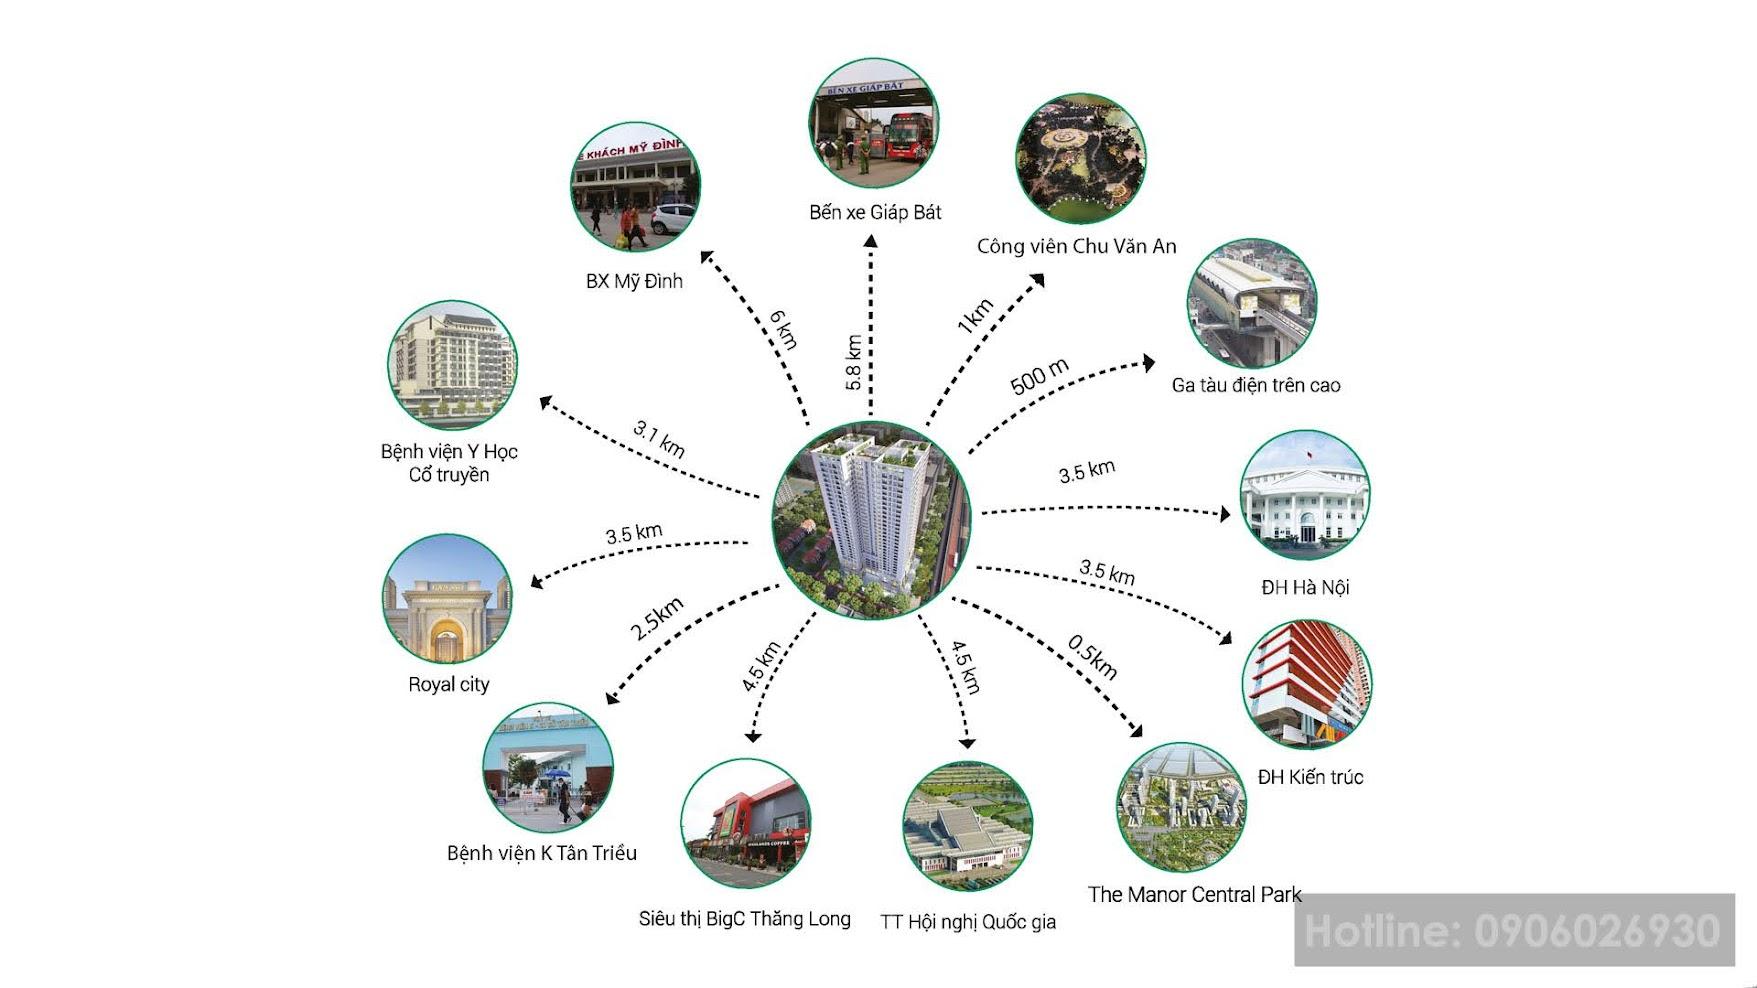 Kết nối tiện lợi tới cả 5 quận huyện